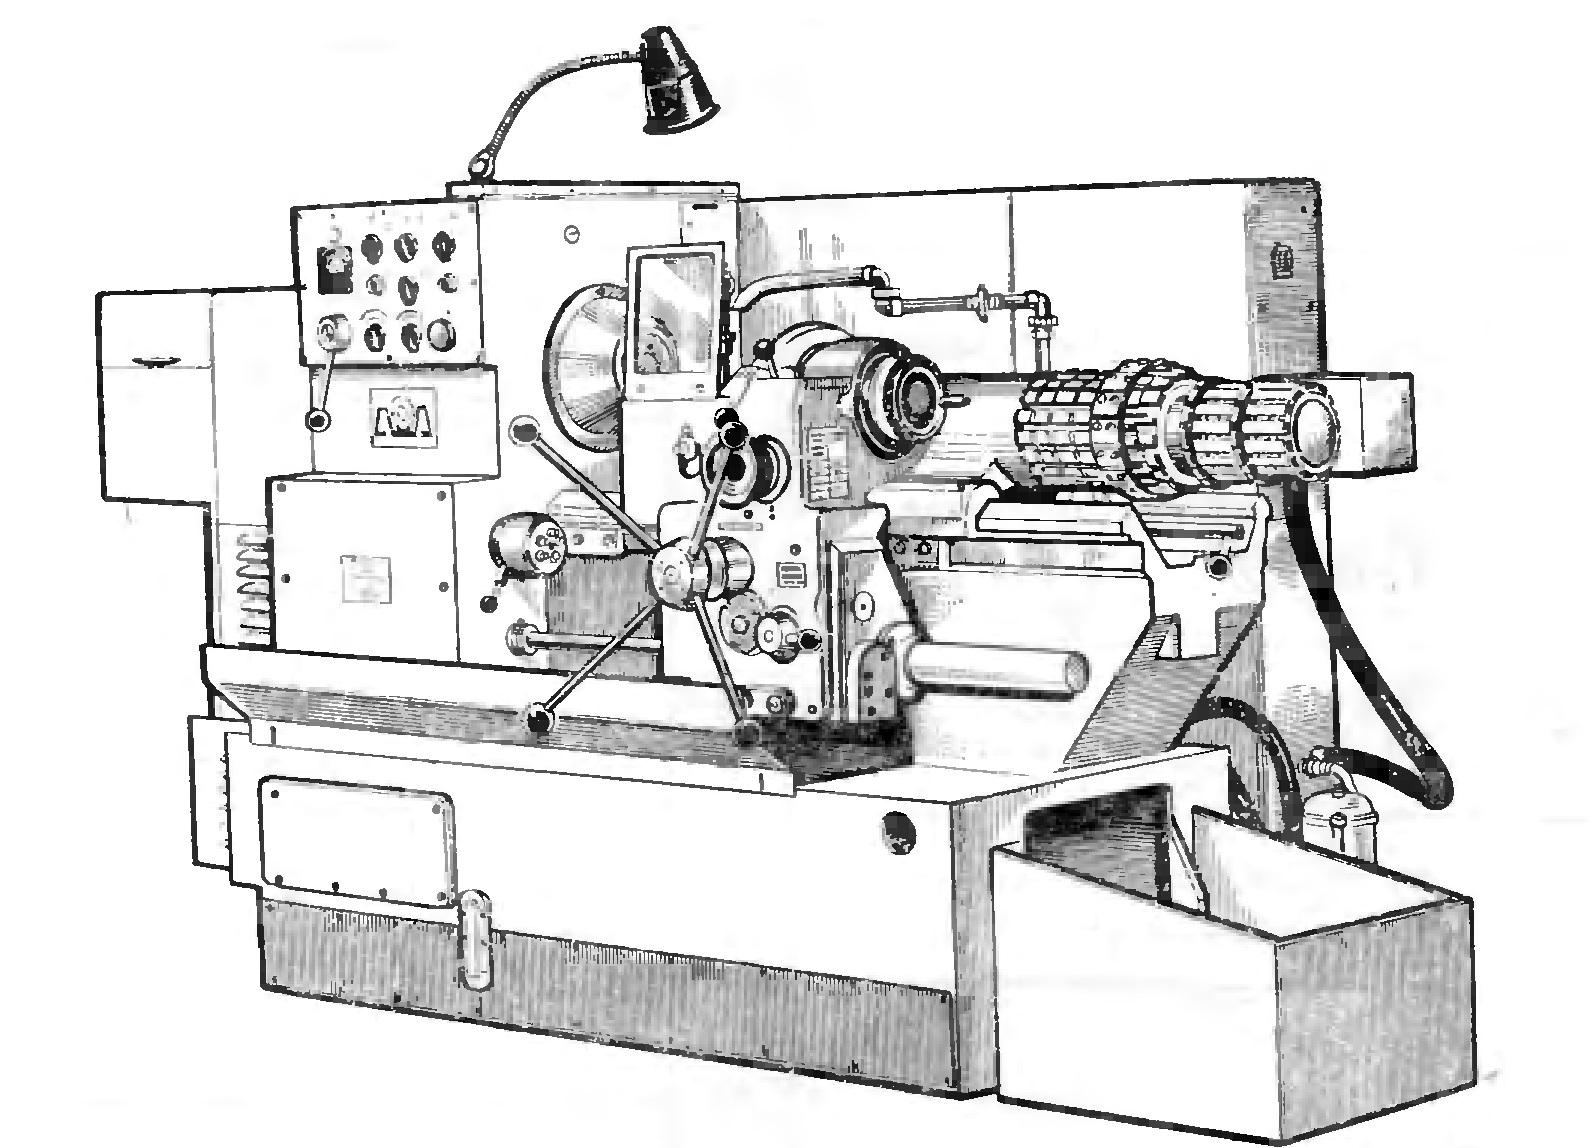 1д325п станок токарно-револьверный повышенной точности. паспорт, схемы, характеристики, описание